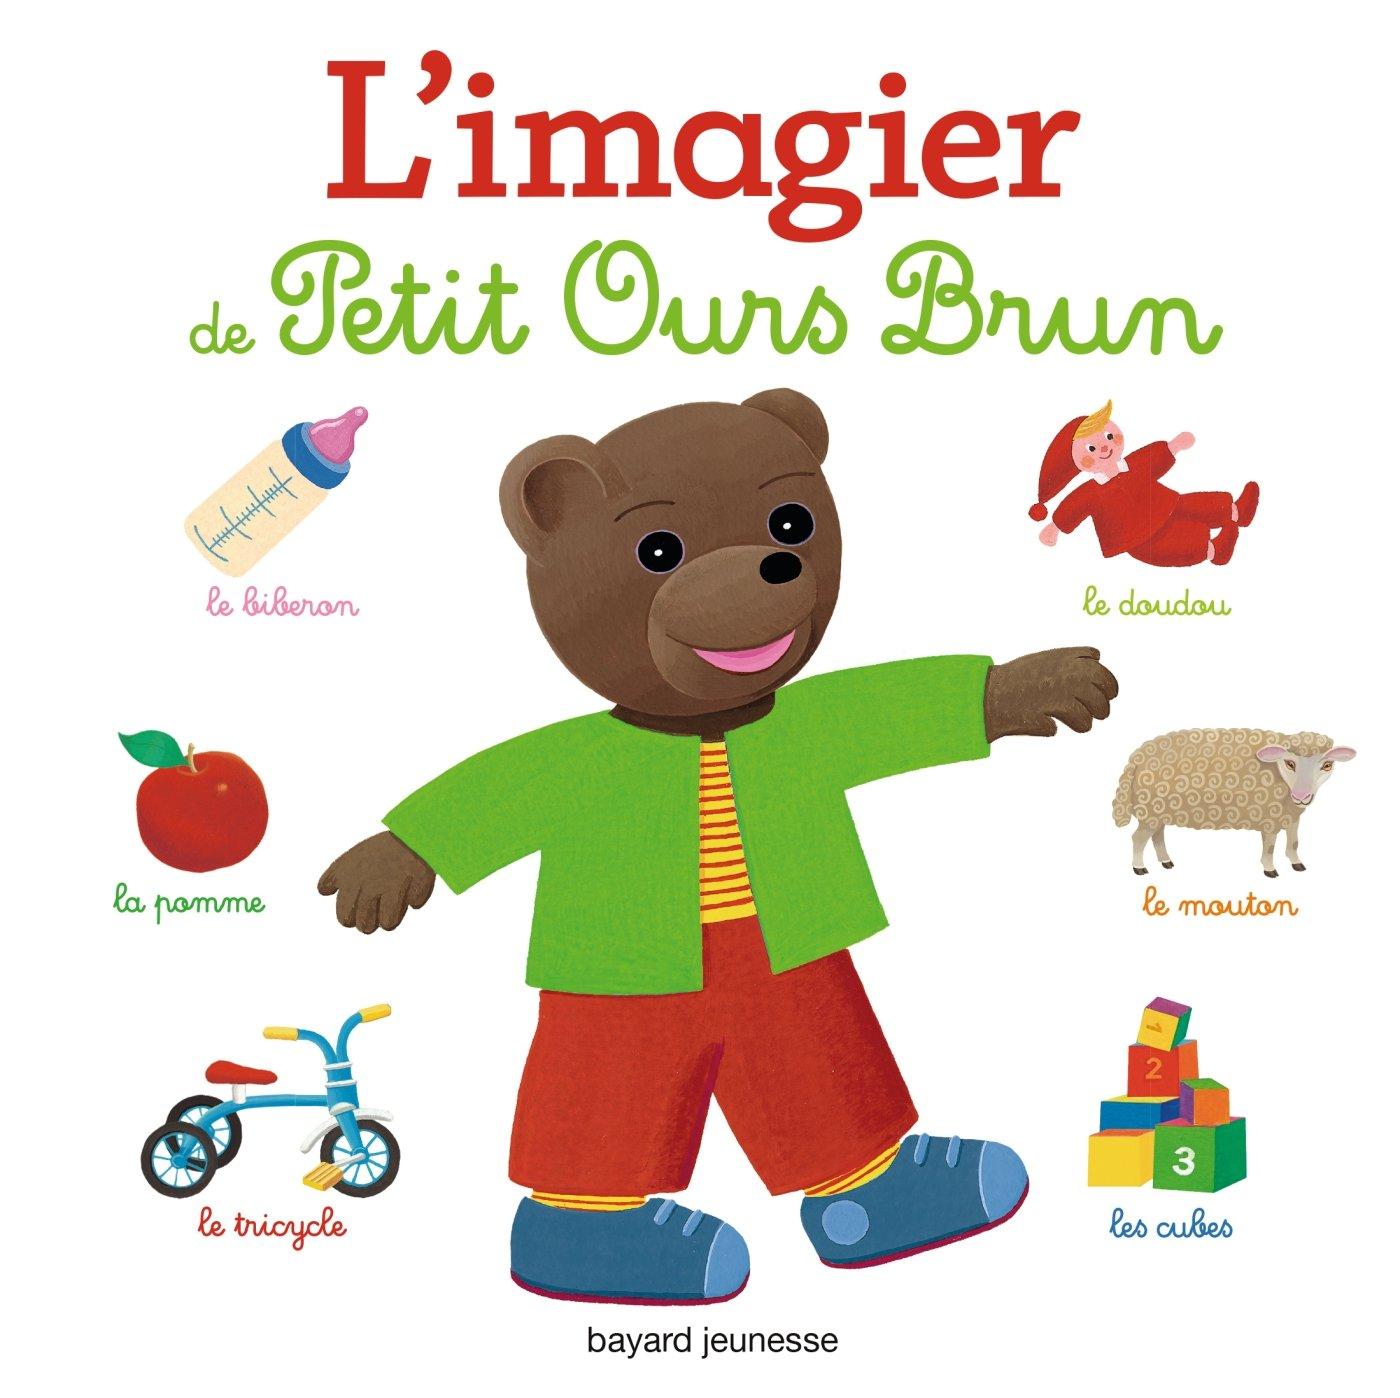 Amazon.fr - L imagier de Petit Ours Brun - Laura Bour, Danièle Bour, MARTIN  BOUR - Livres 78c3d5d58115